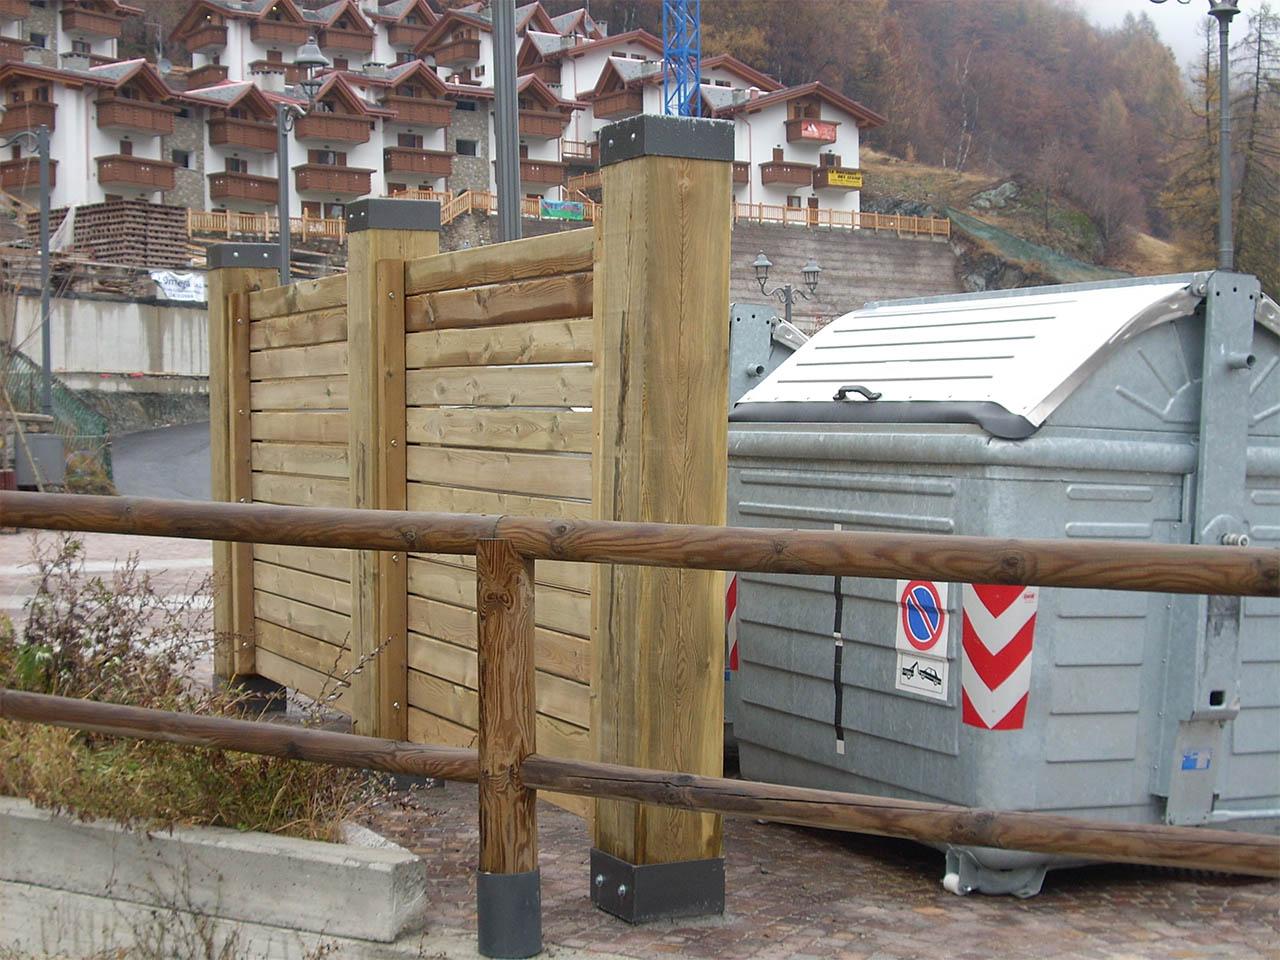 Schermatura in legno di pino nordico impregnato in autoclave realizzato da Linea Montanalegno - ILT